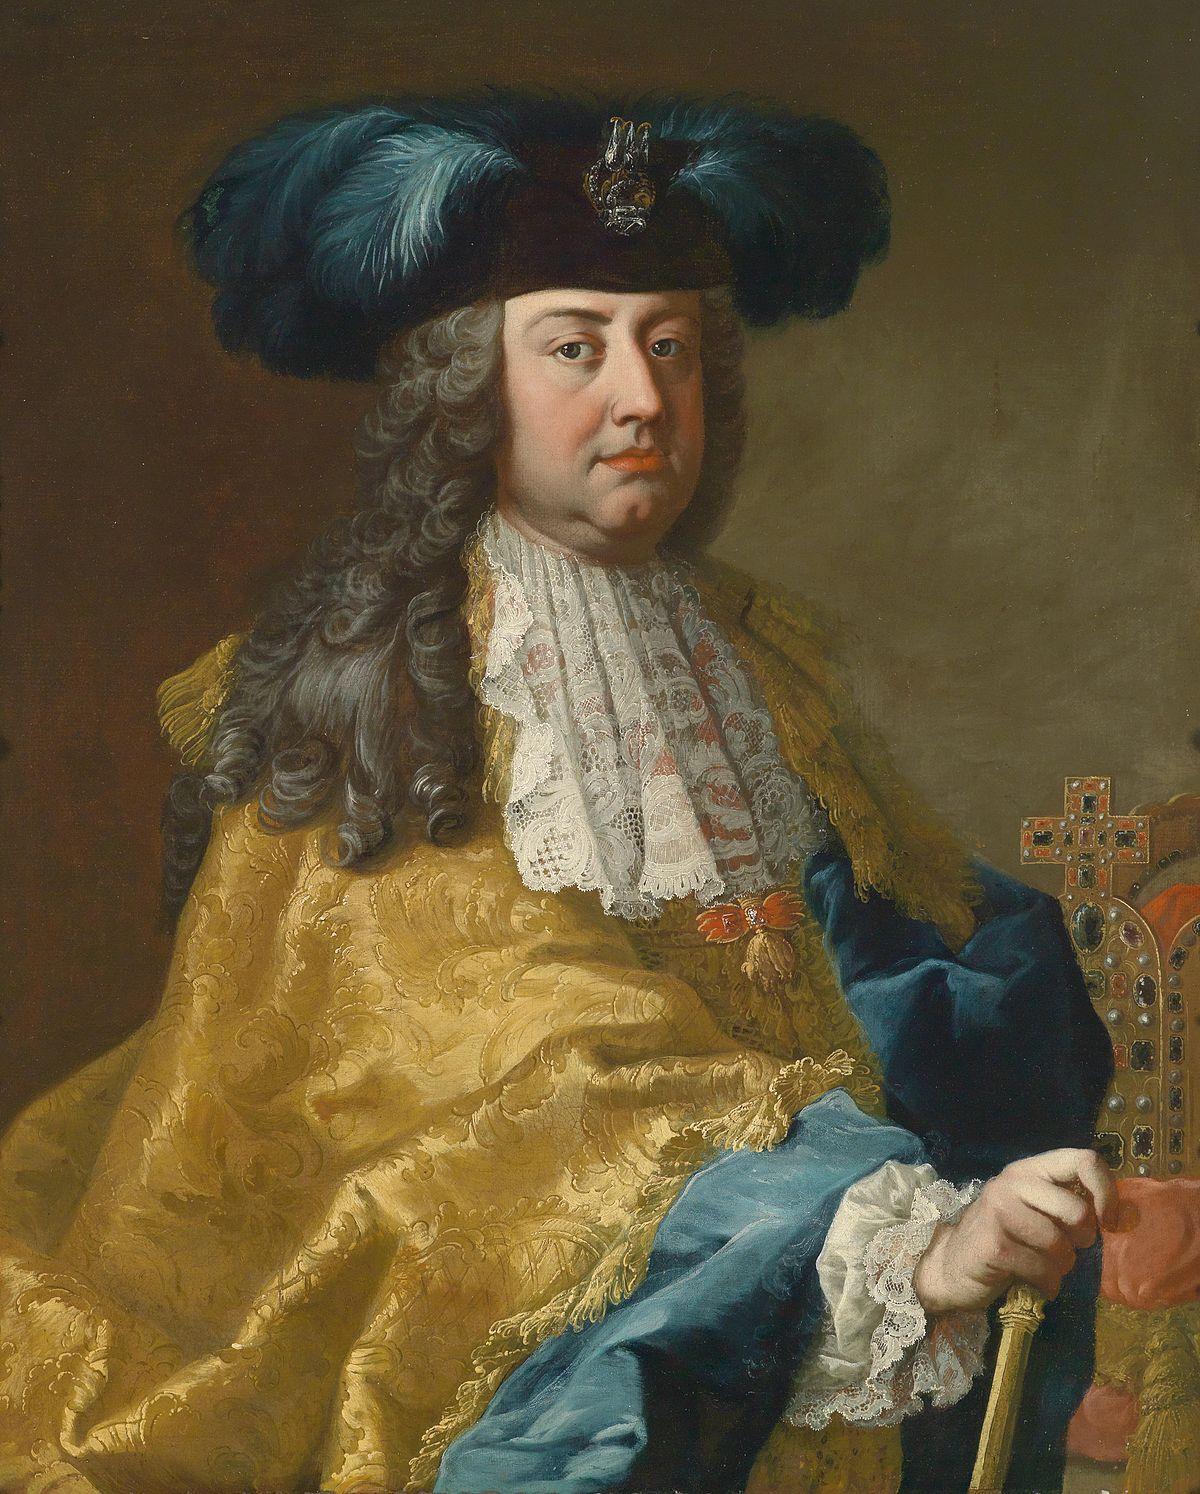 Francis I Holy Roman Emperor King Of Germany 1745 1765 Workshop Of Martin Van Meytens 1745 Sacro Imperio Romano Germanico Emperadores Romanos Habsburgo